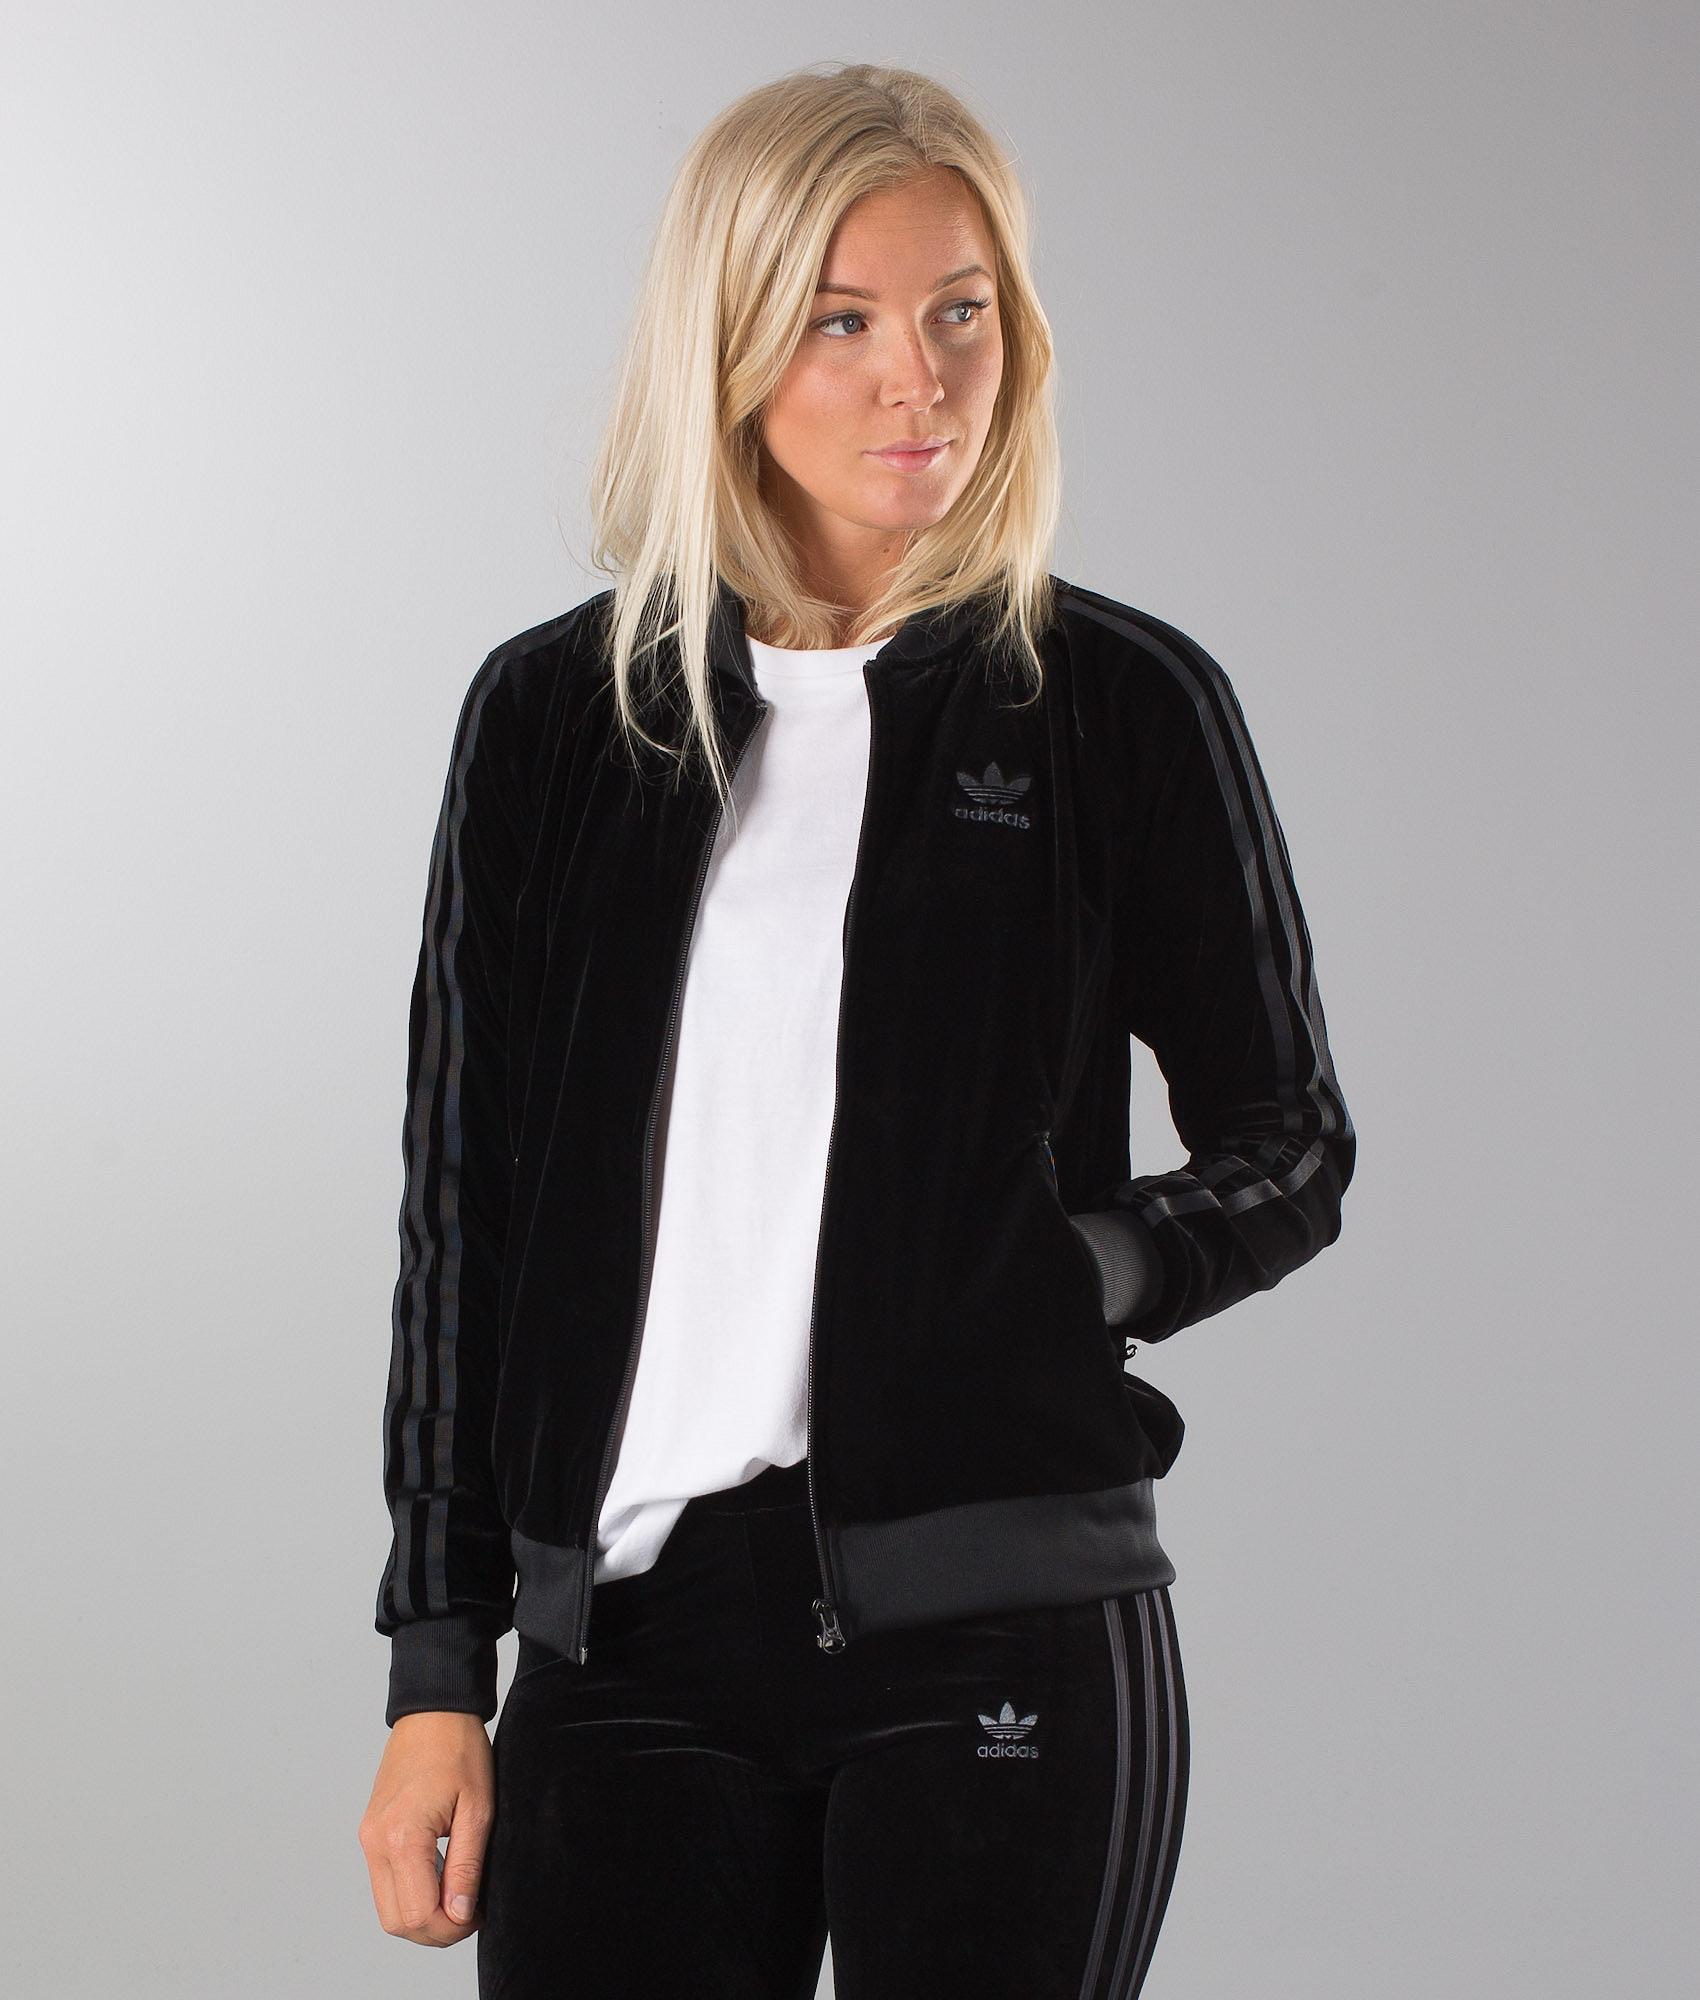 5abf427270a5 Adidas Originals Velvet Vibes SST Hood Black - Ridestore.com